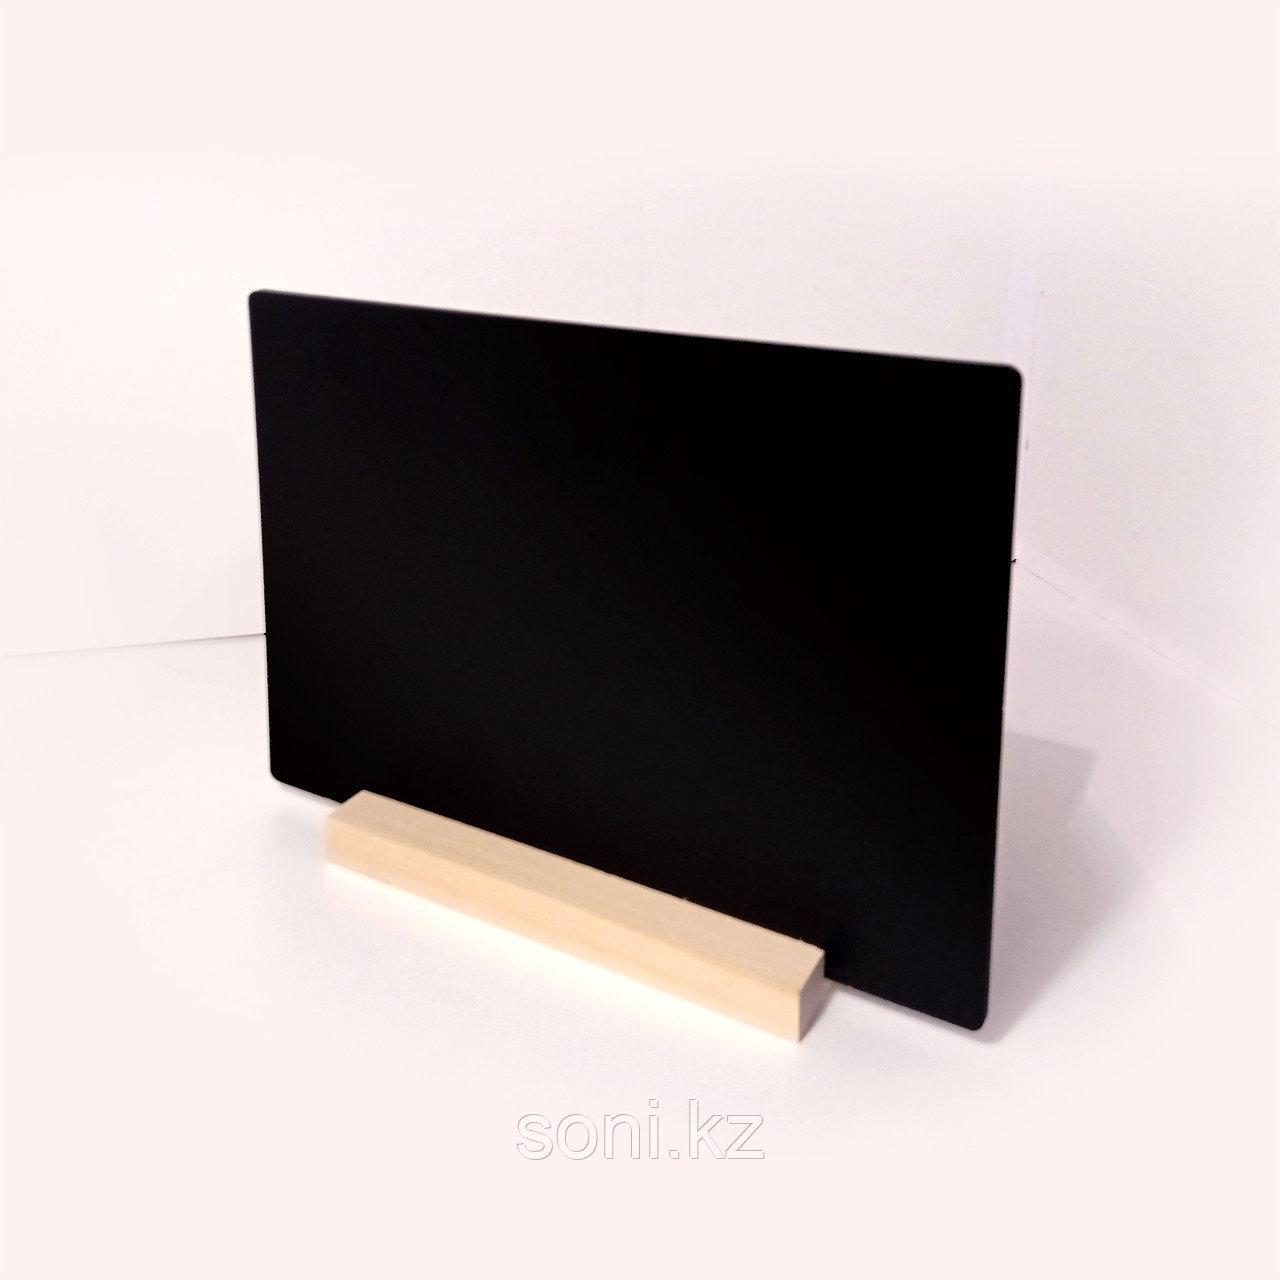 Настольная табличка А4 на деревянной подставке